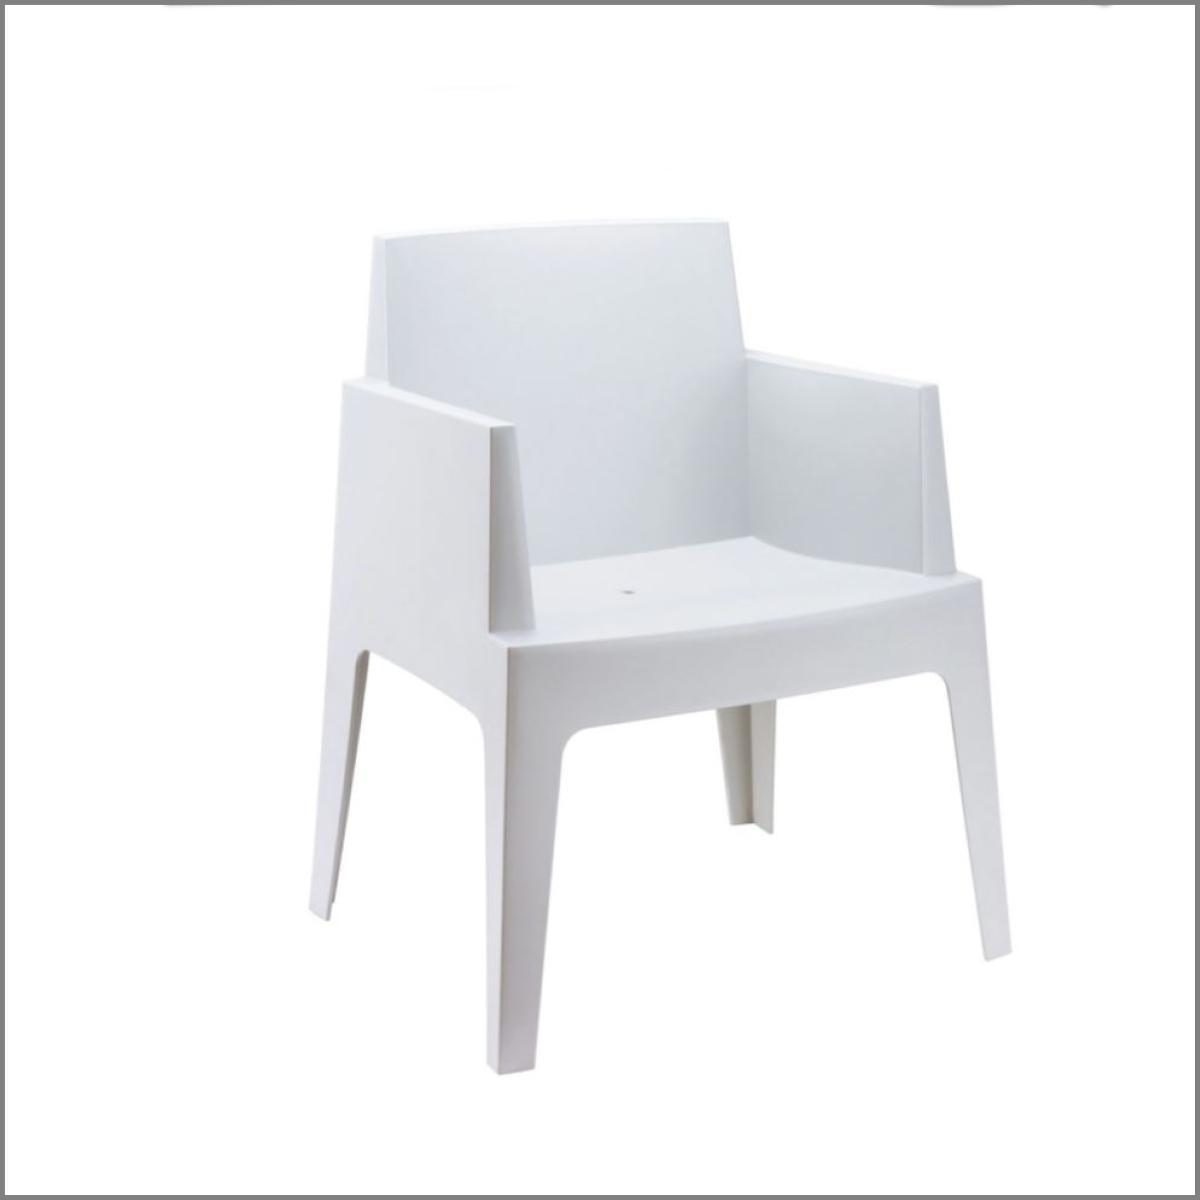 Fauteuils lounge blanc